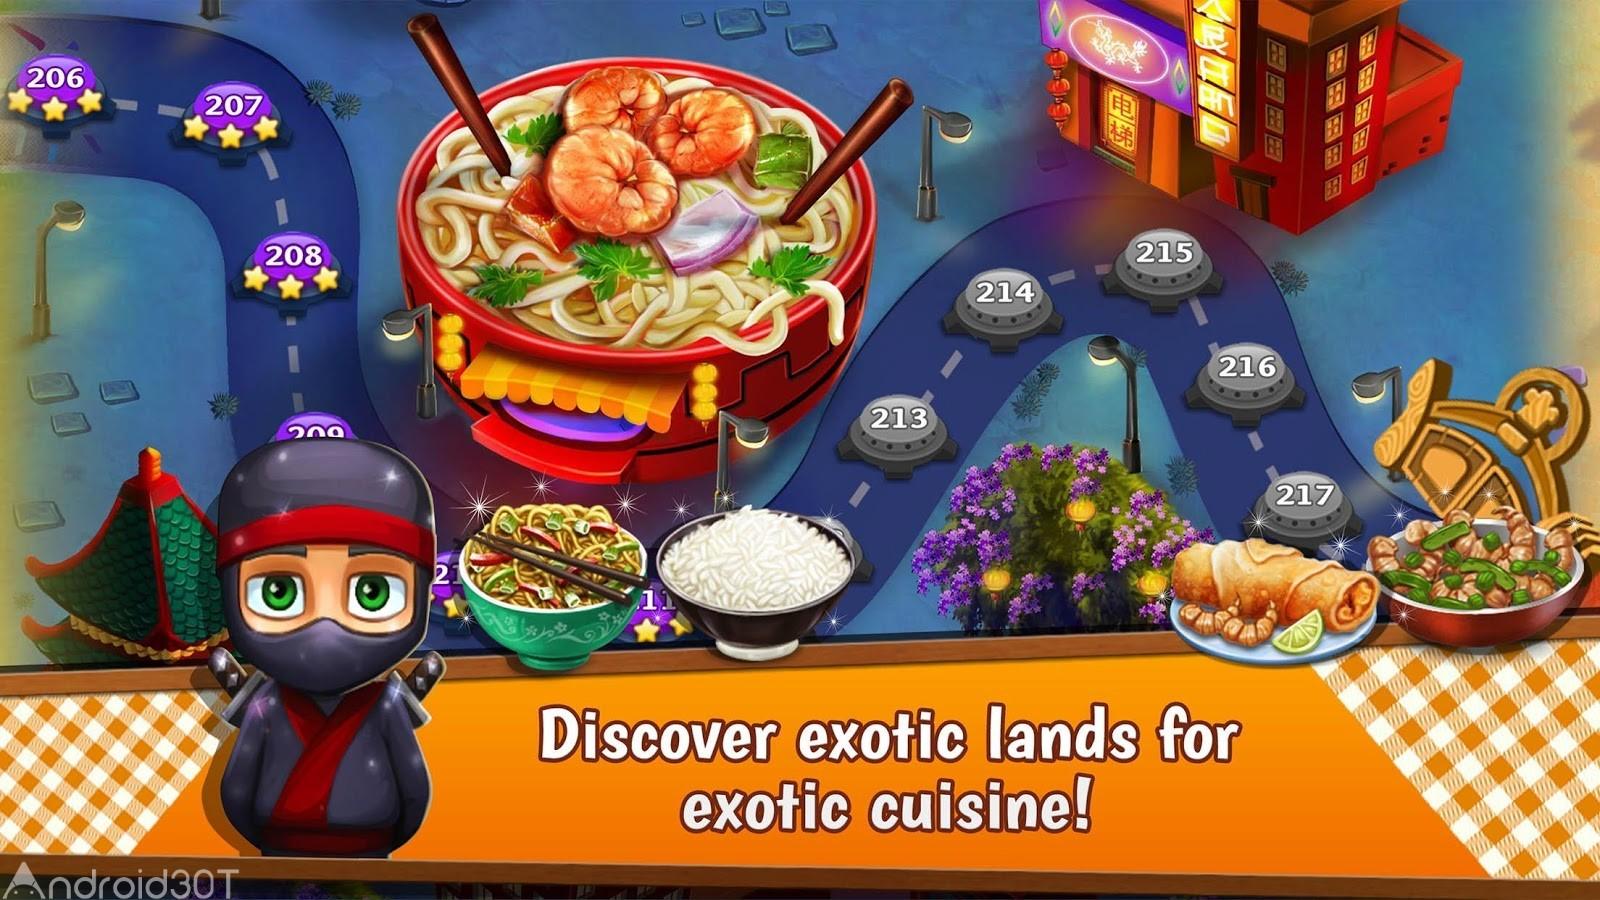 دانلود Crazy Kitchen 6.7.1 – بازی جدید و سرگرم کننده پازل اندروید